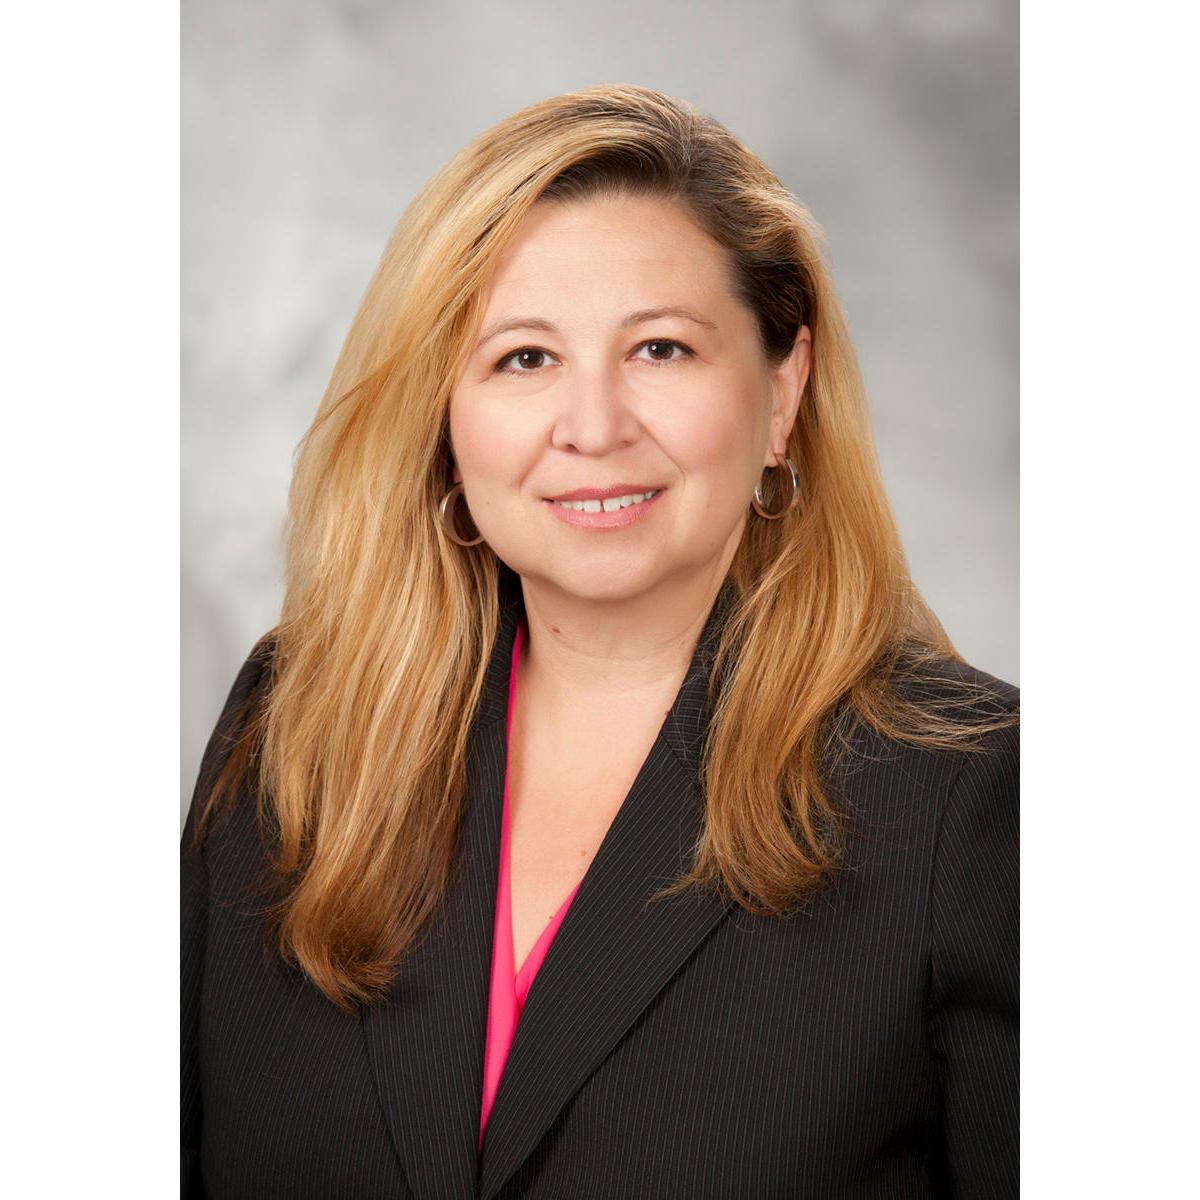 Radmira S. Greenstein, MD